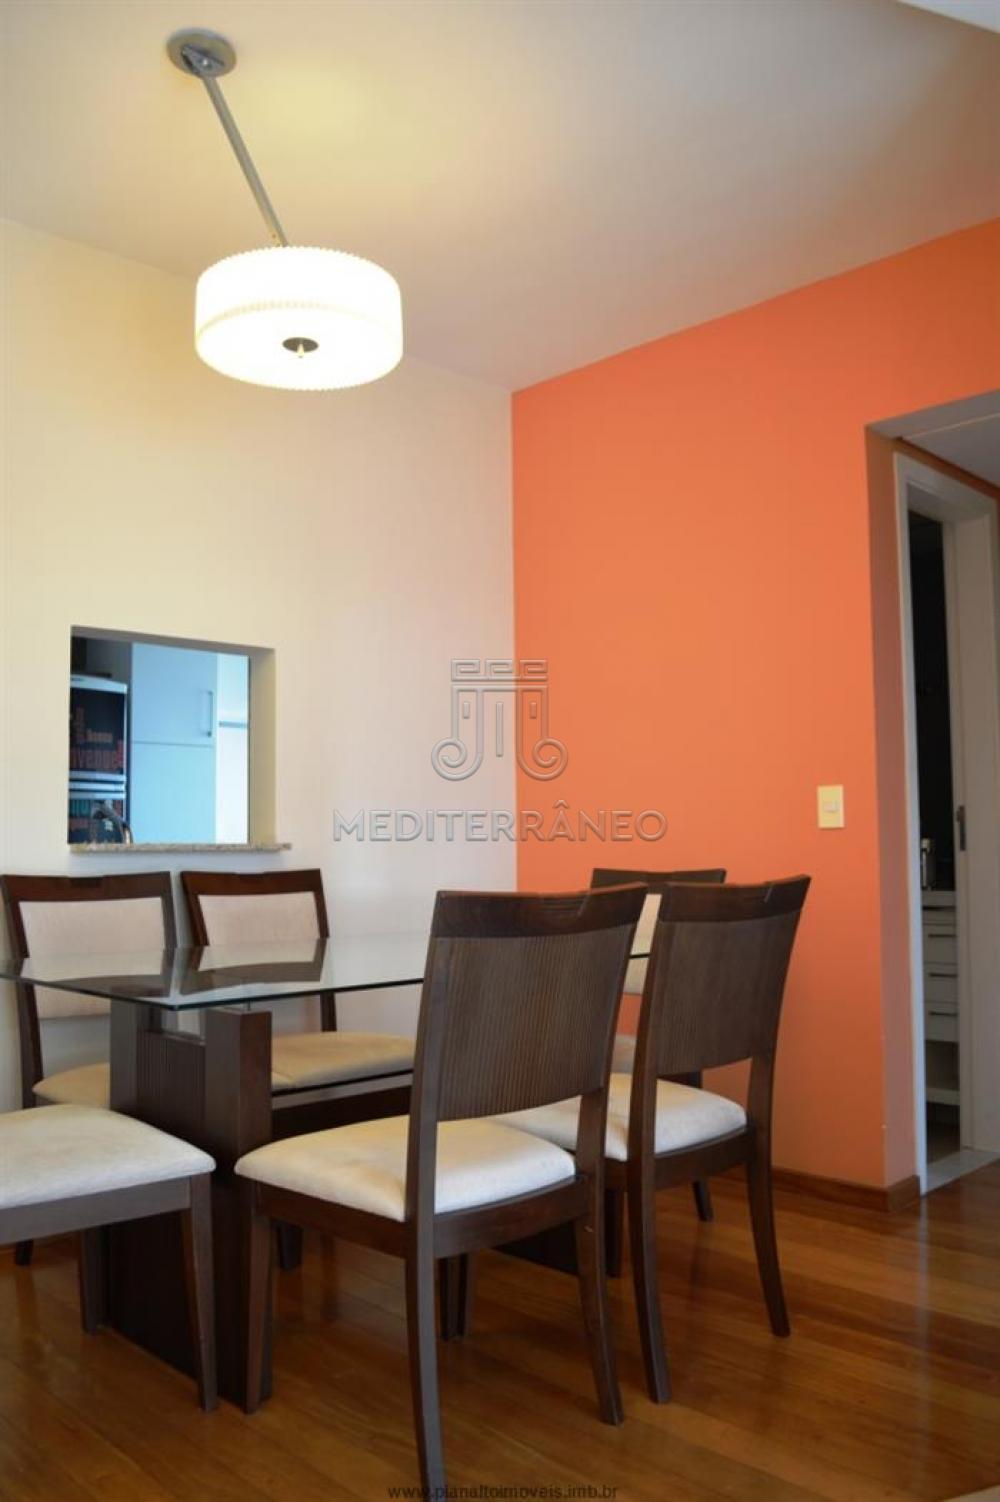 Comprar Apartamento / Padrão em Jundiaí apenas R$ 430.000,00 - Foto 12